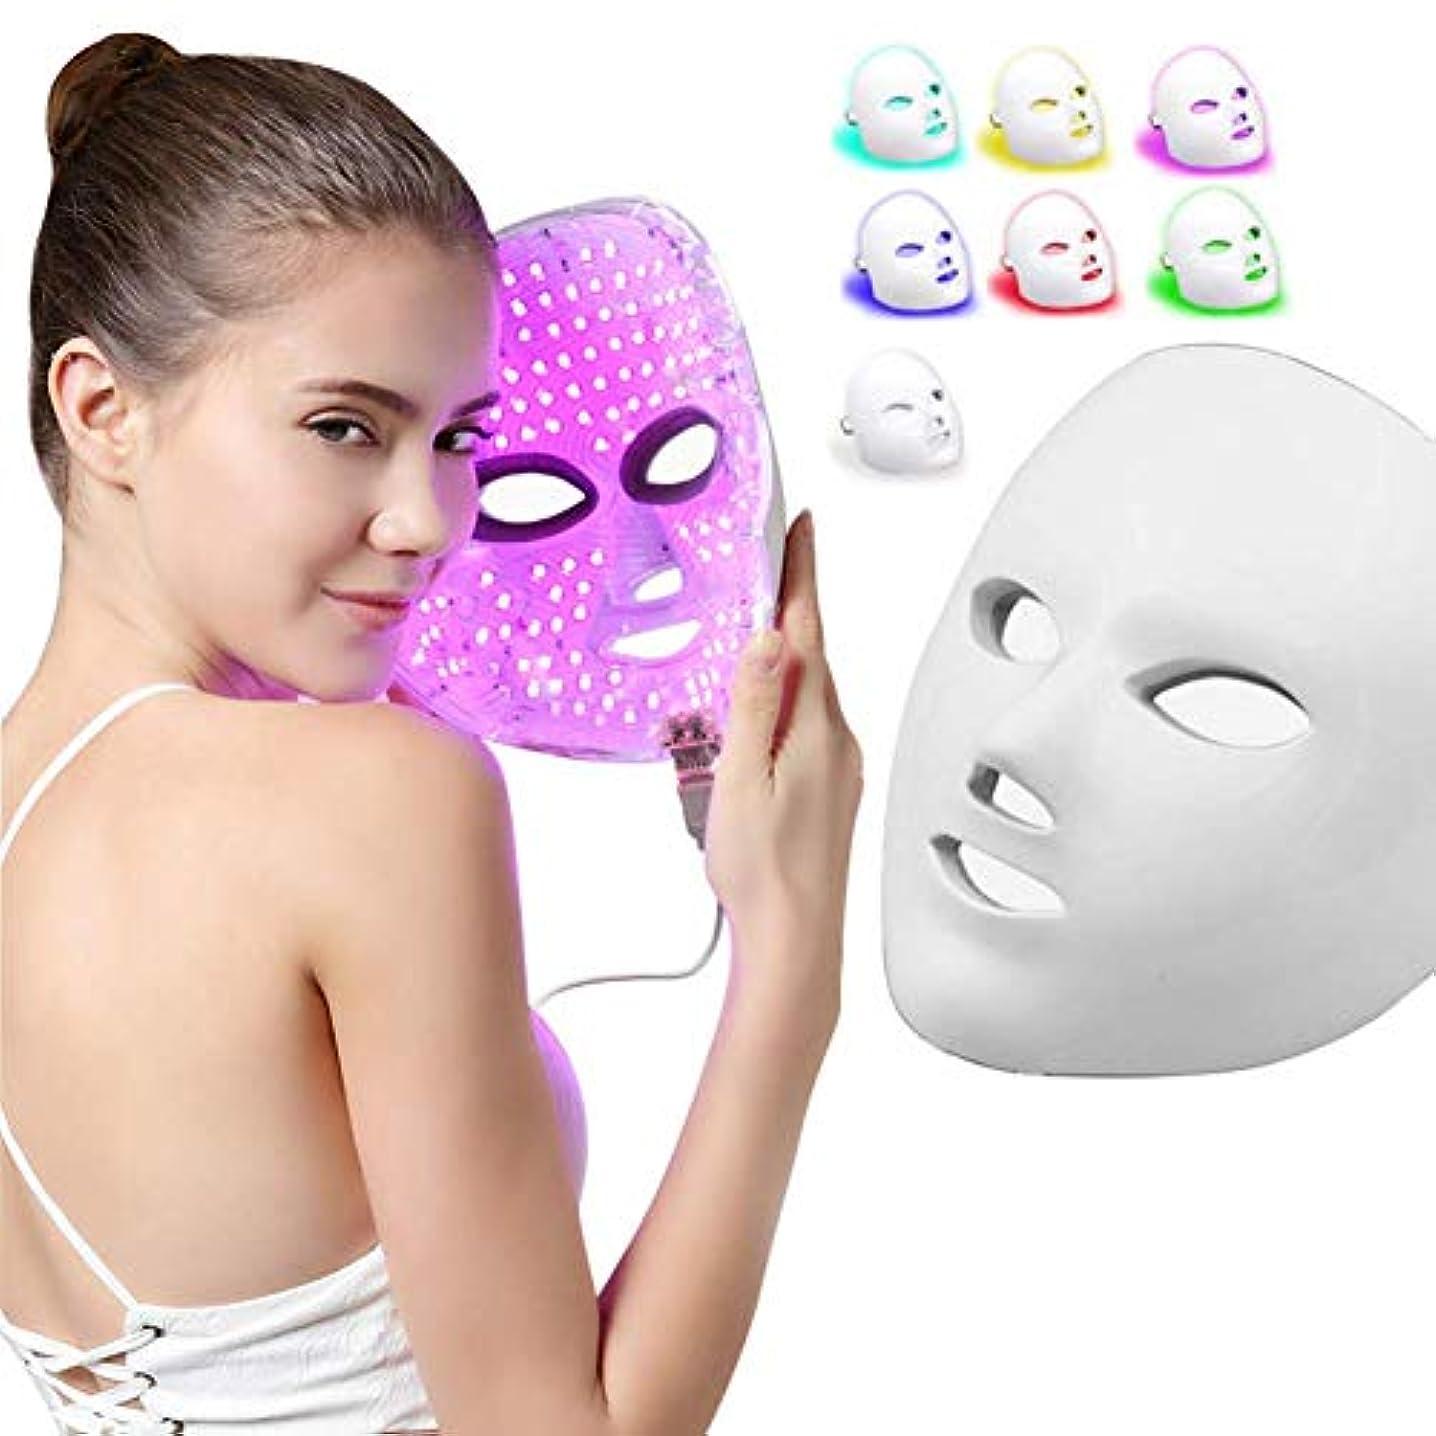 ピラミッド意識人気のライトセラピーマスク、7色フォトンフェイスマスクマシンマスクビューティープロアクティブスキンケアアンチエイジングファーミングスキン改善ファインライン